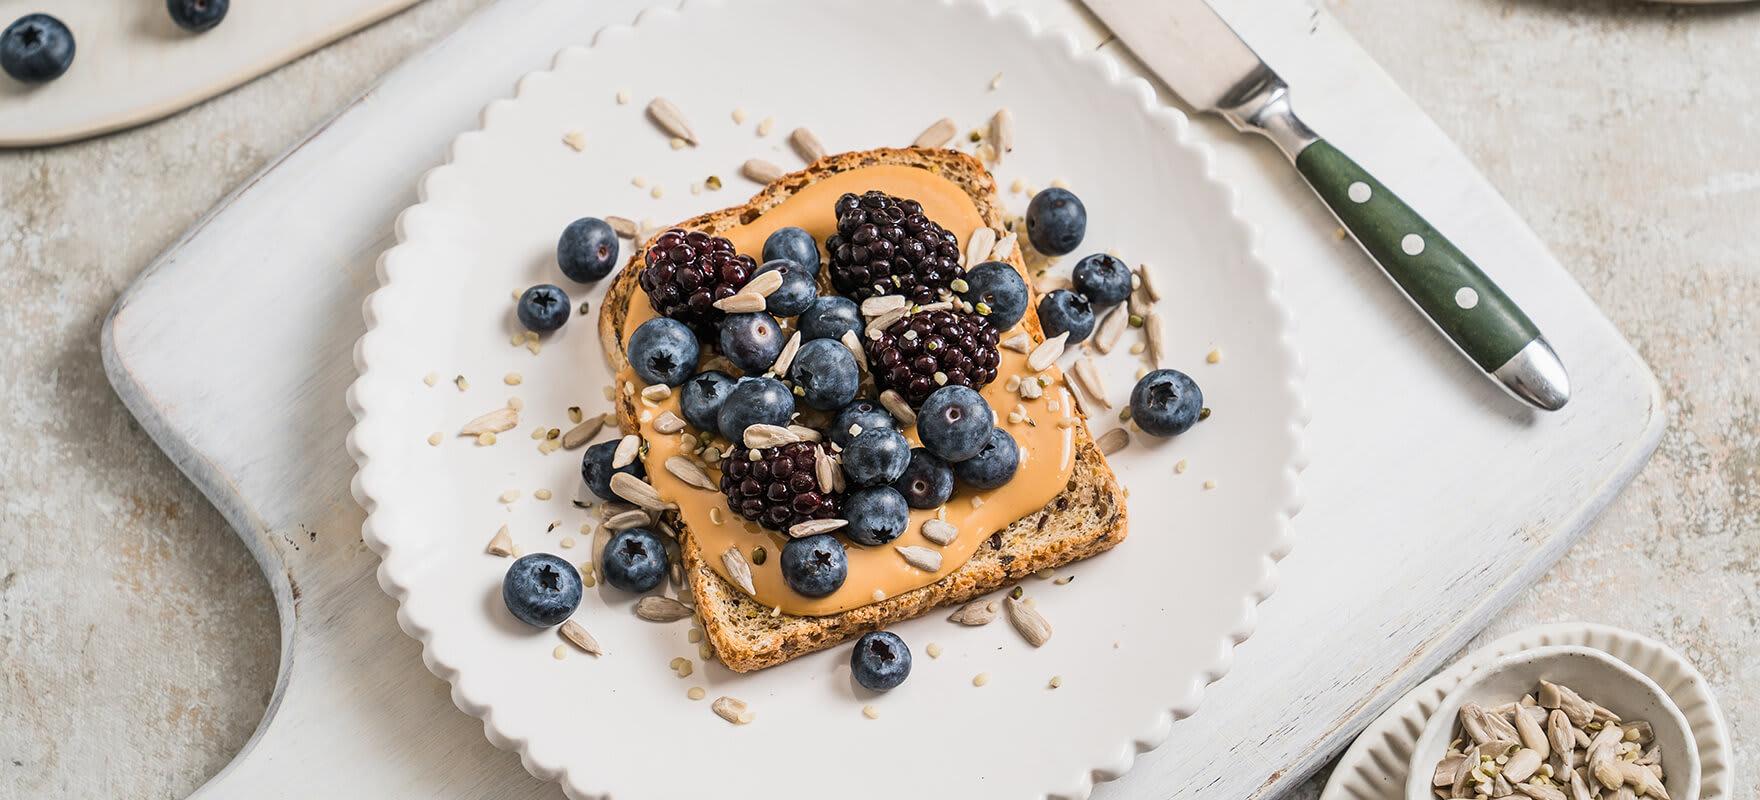 Peanut butter & purple berry toast image 1